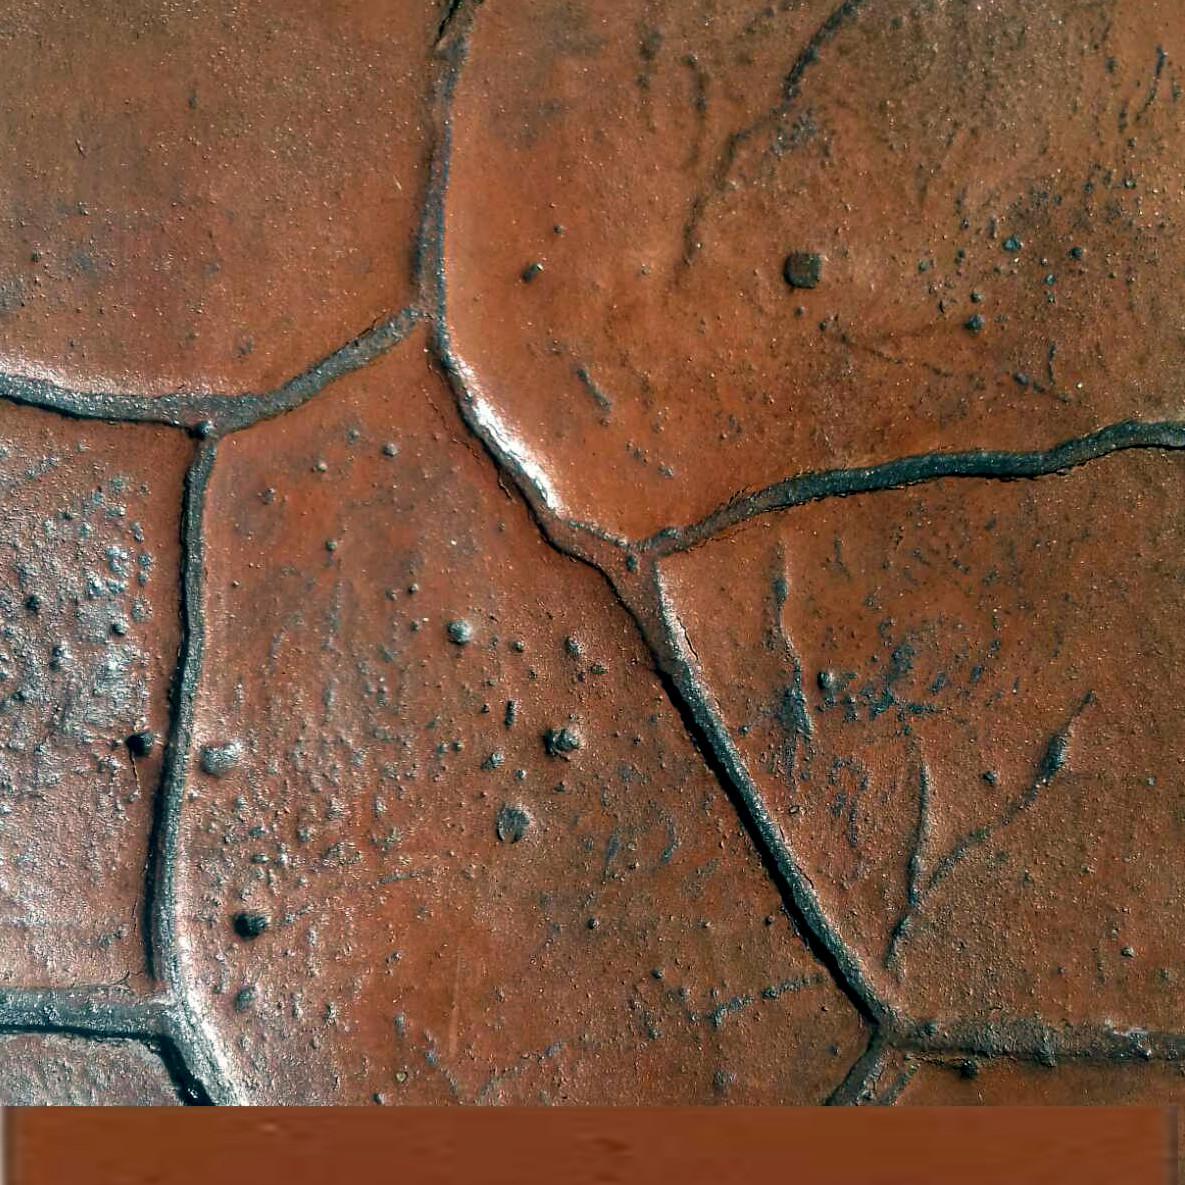 Комплект (оранжевый) на 10 м² необходимых материалов для бетона: пластификатор, пигмент, разделитель, лак